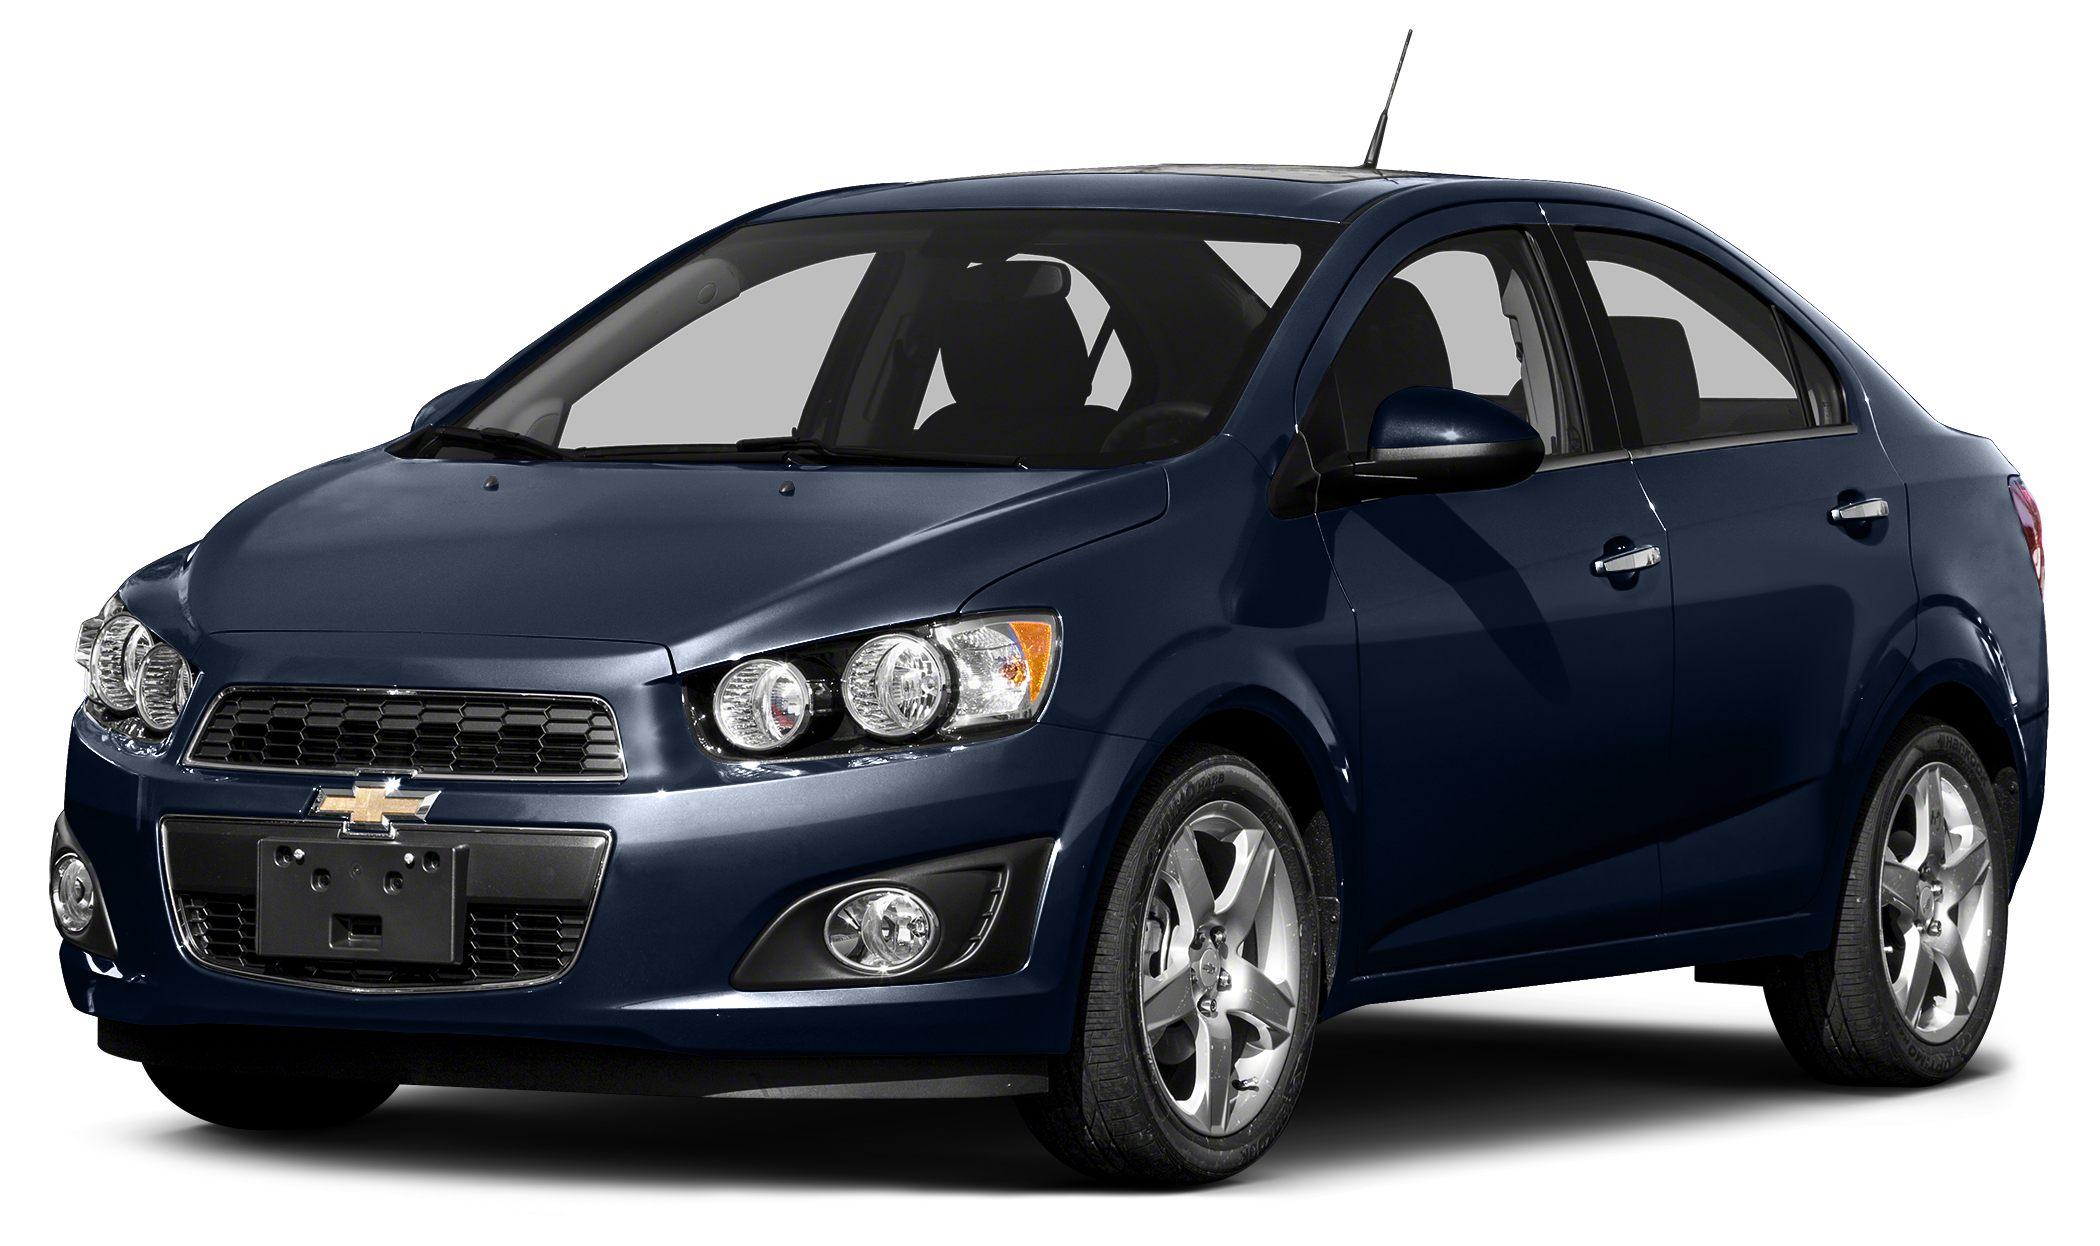 2015 Chevrolet Sonic LT Blue Velvet Metallic 2015 Chevrolet Sonic LT FWD 6-Speed Automatic ECOTEC